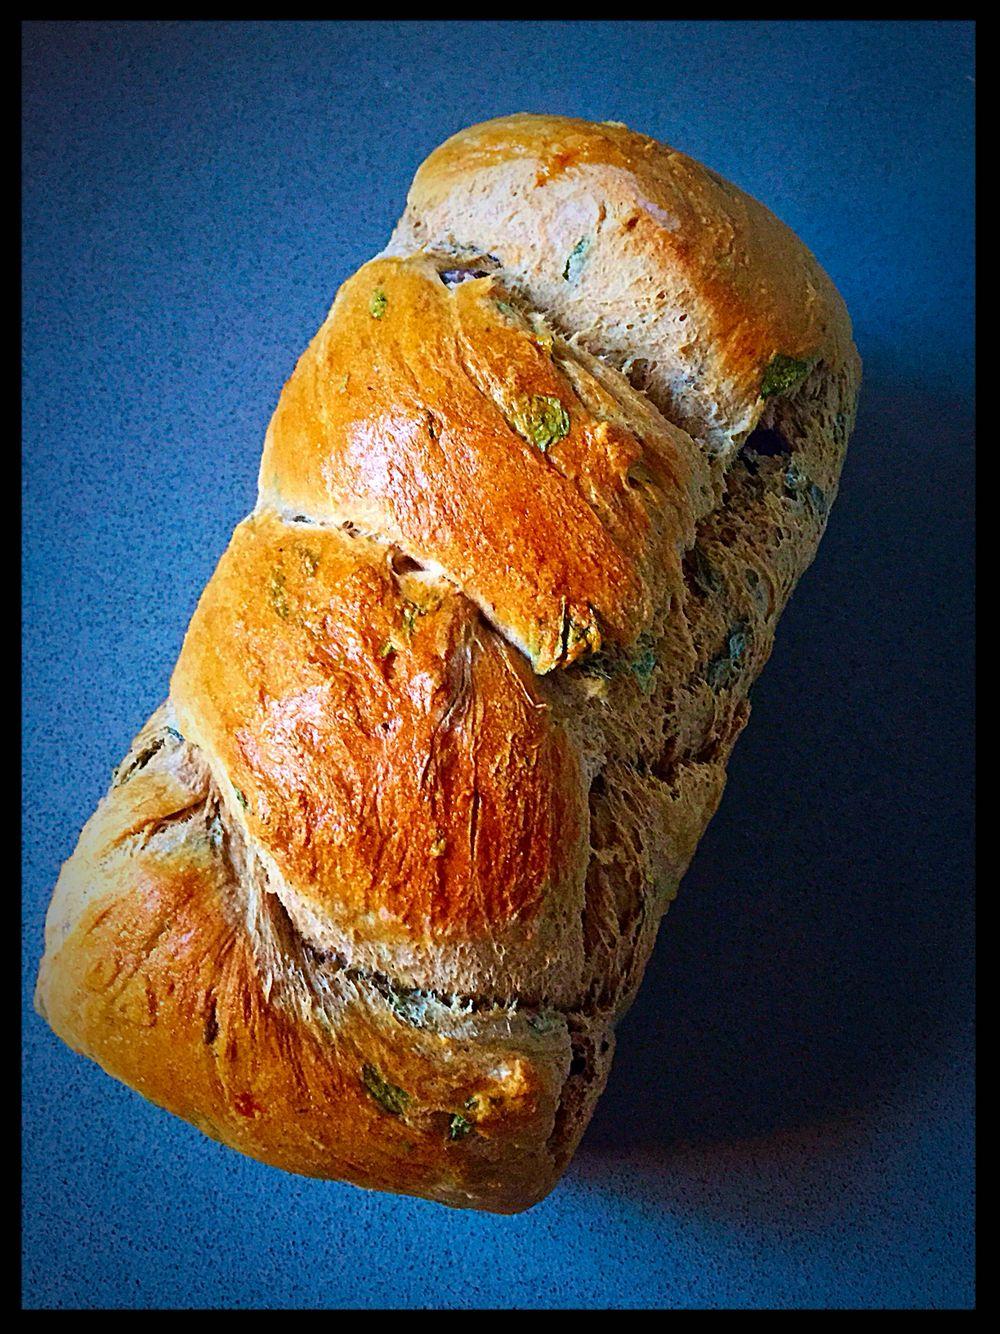 Basil&kalamata olives challah bread